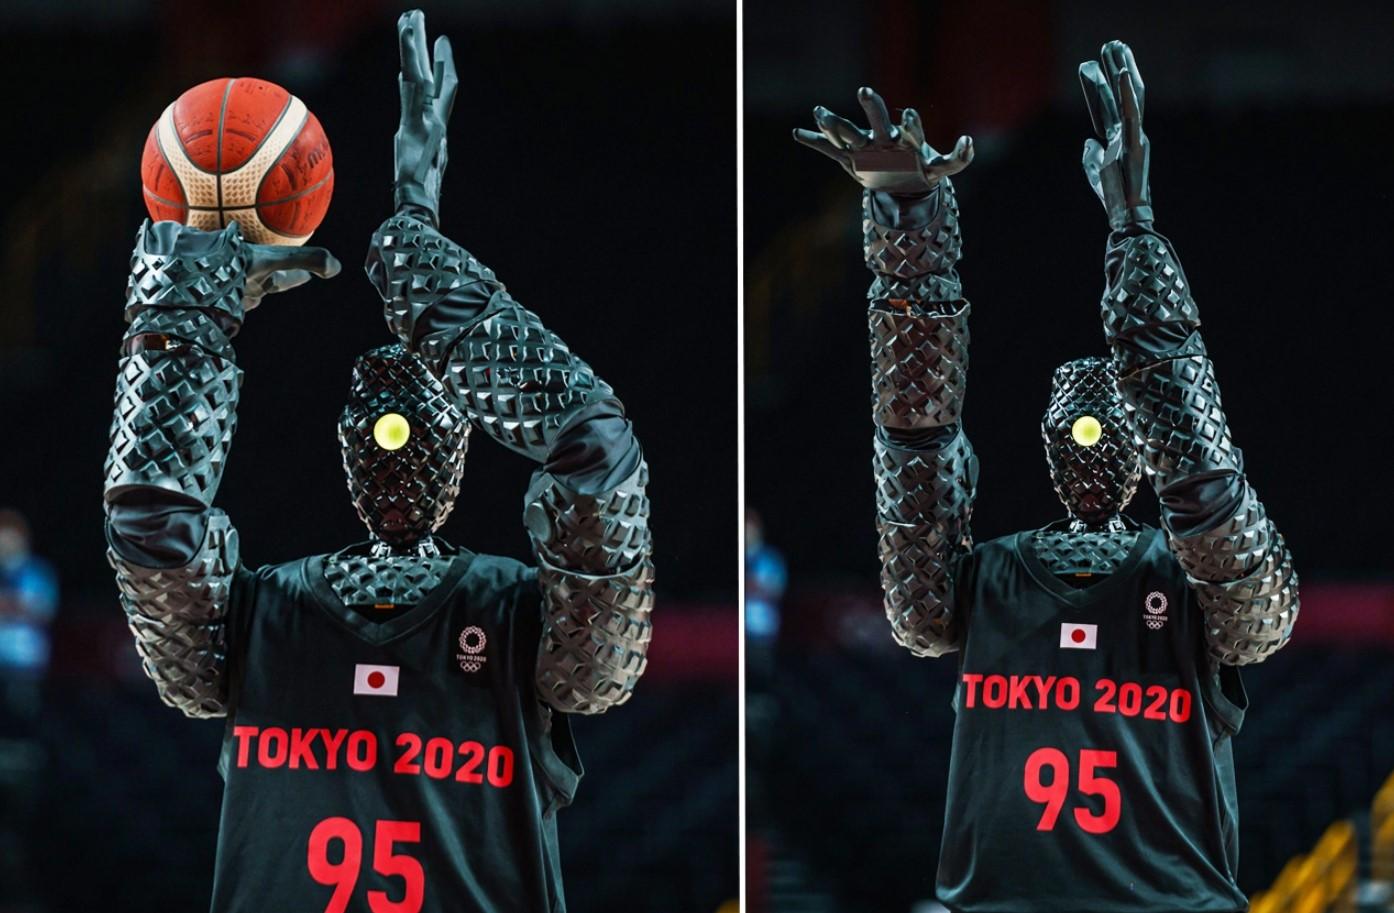 อย่างคูลลล !! ญี่ปุ่นโชว์หุ่นยนต์ชู๊ตบาสครึ่งสนามใน โตเกียวโอลิมปิก 2020